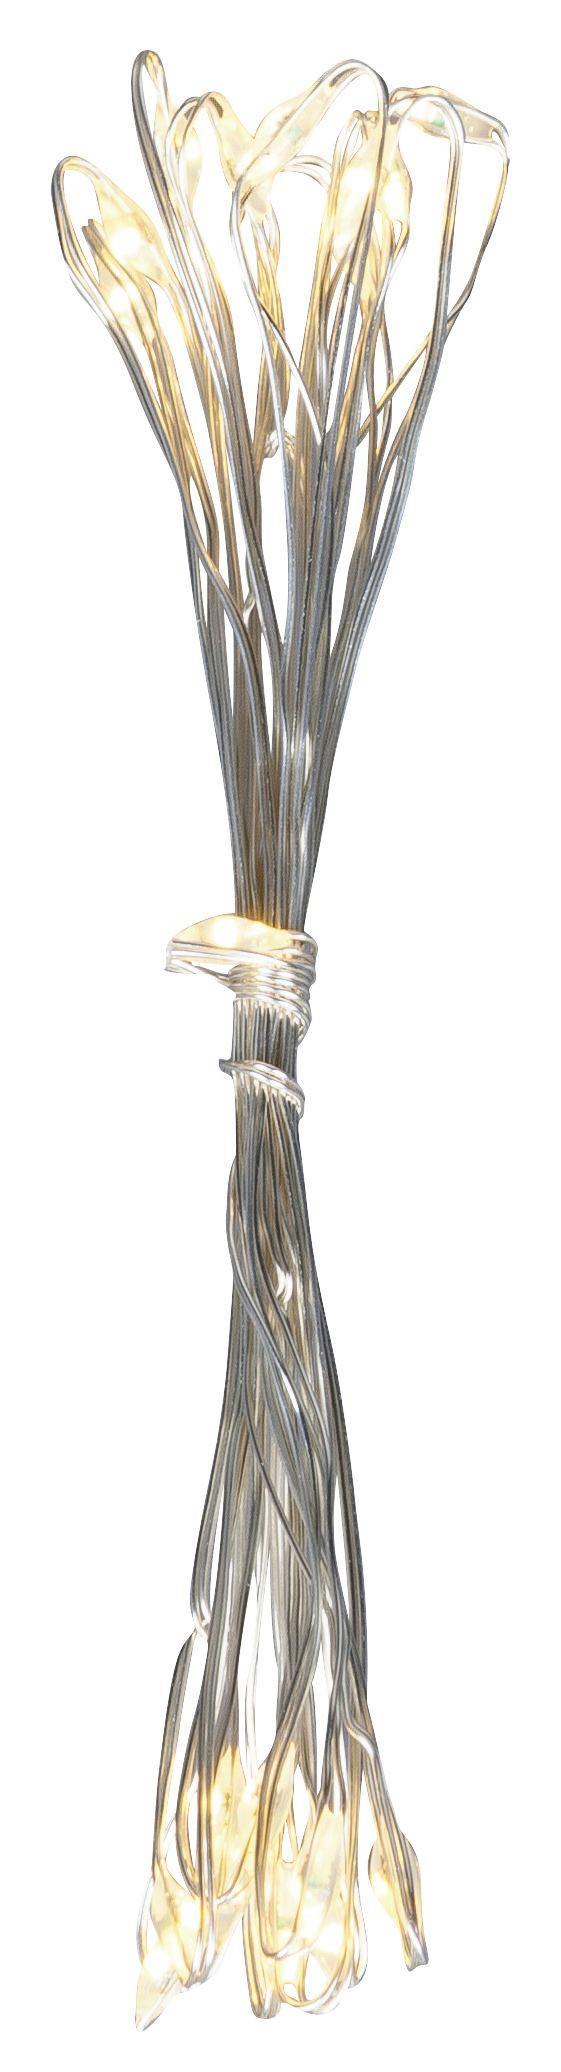 Lichterkette Sterni in Silber - Silberfarben, Kunststoff (95cm) - Mömax modern living